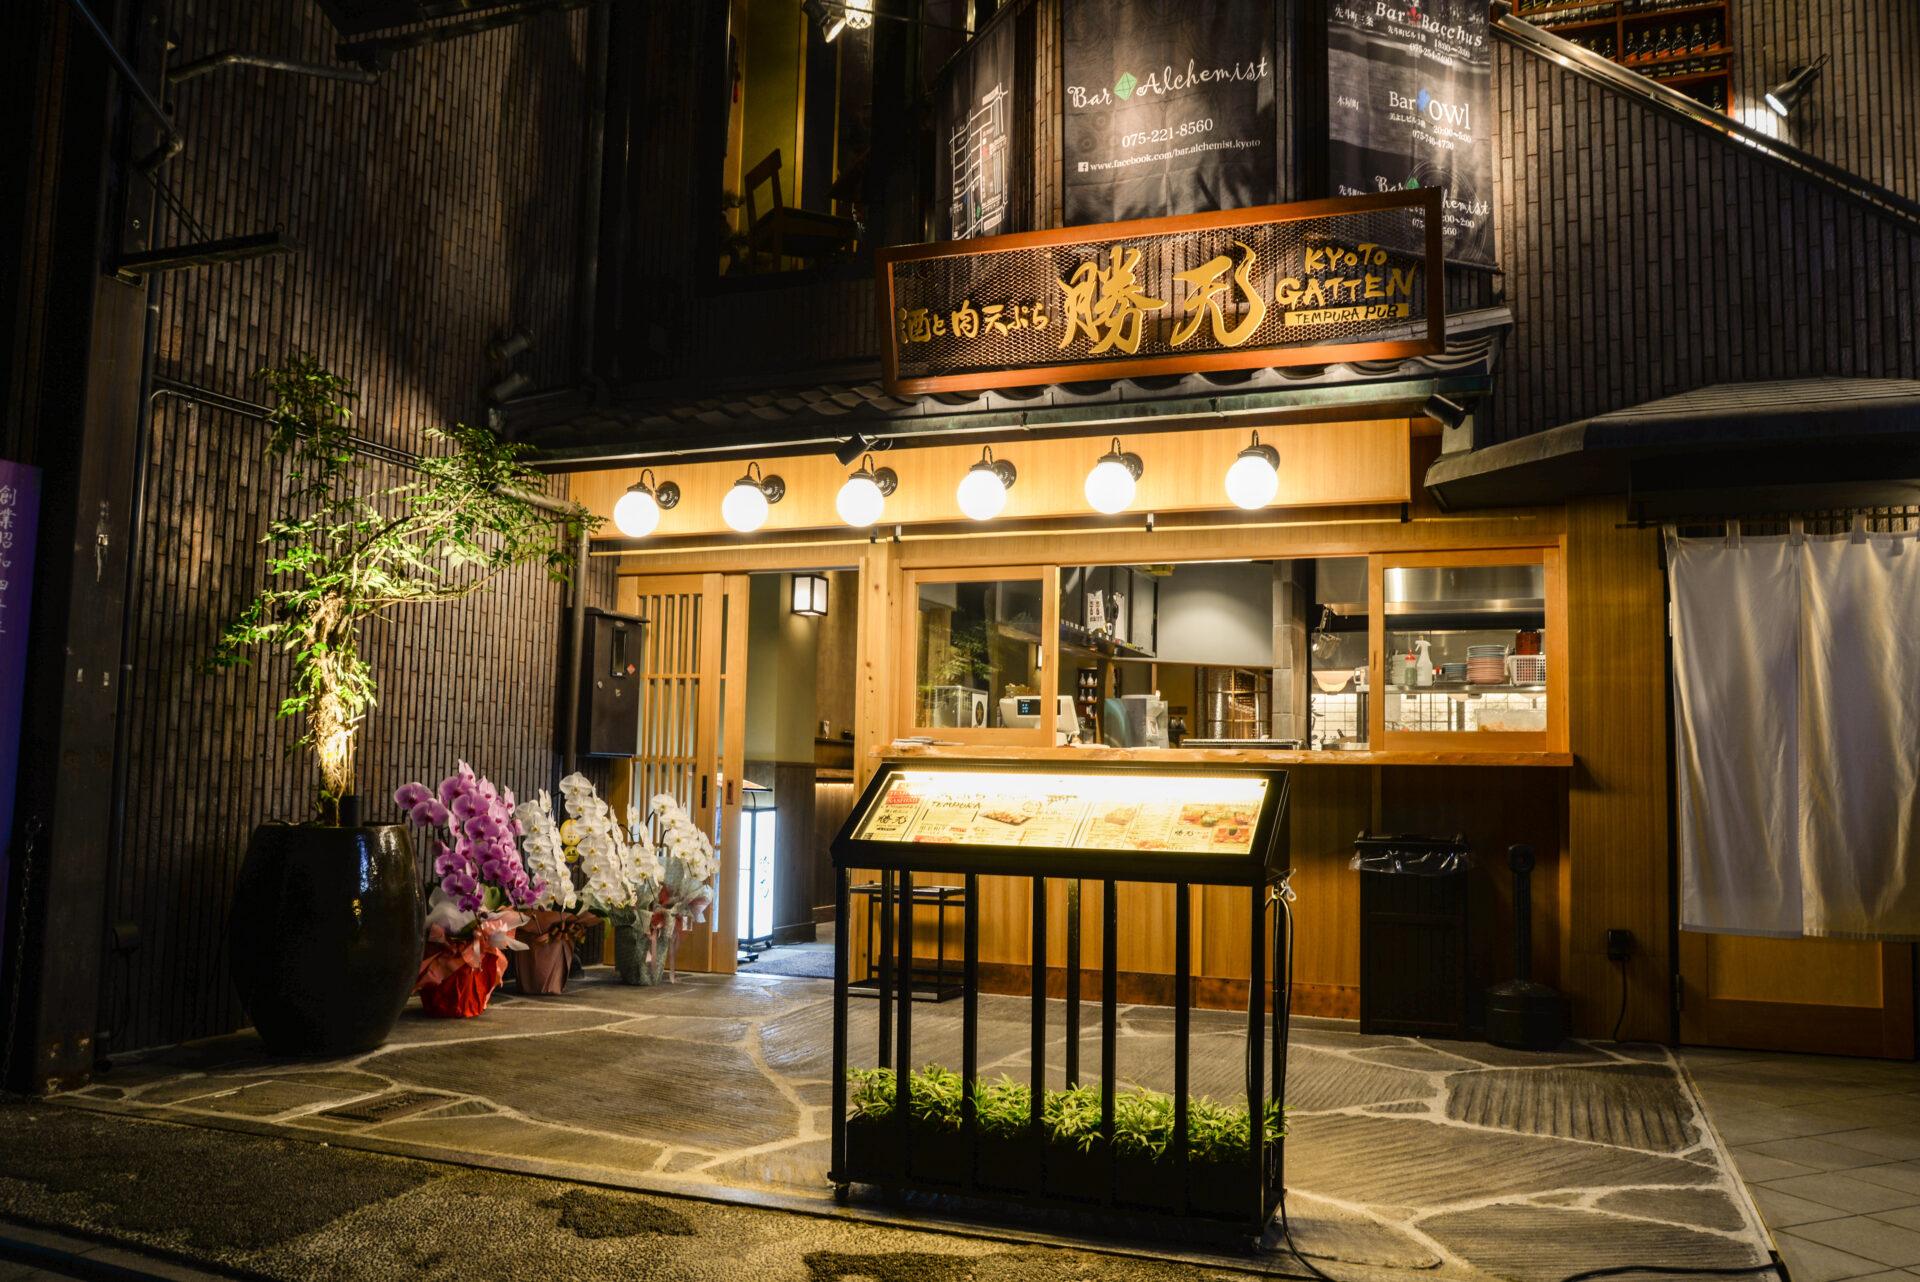 酒と肉天ぷら 勝天-KYOTO GATTEN- 先斗町本店